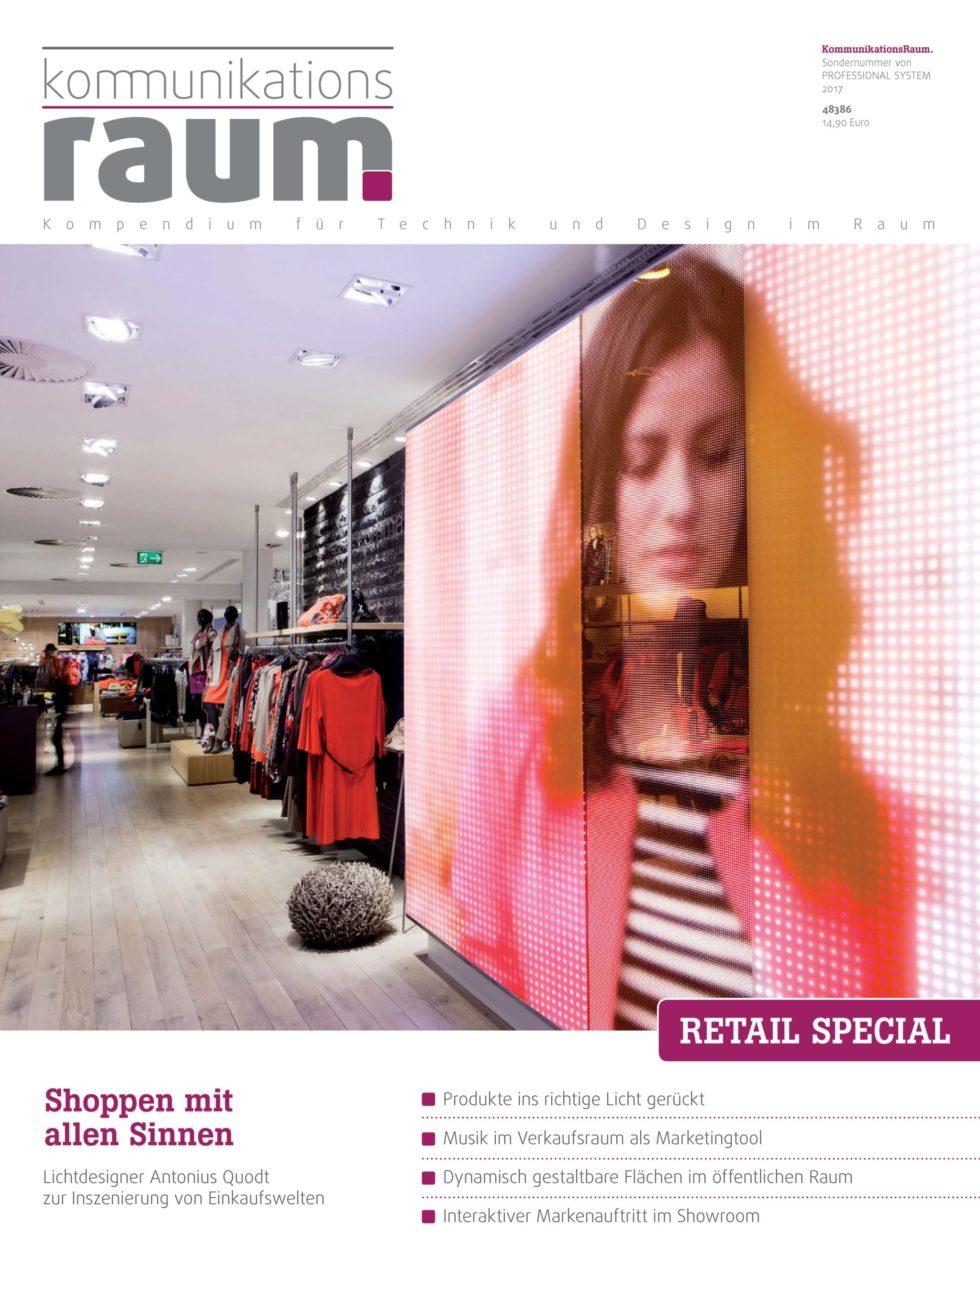 Kommunikationsraum – Mediale Reize in der Shopbeleuchtung